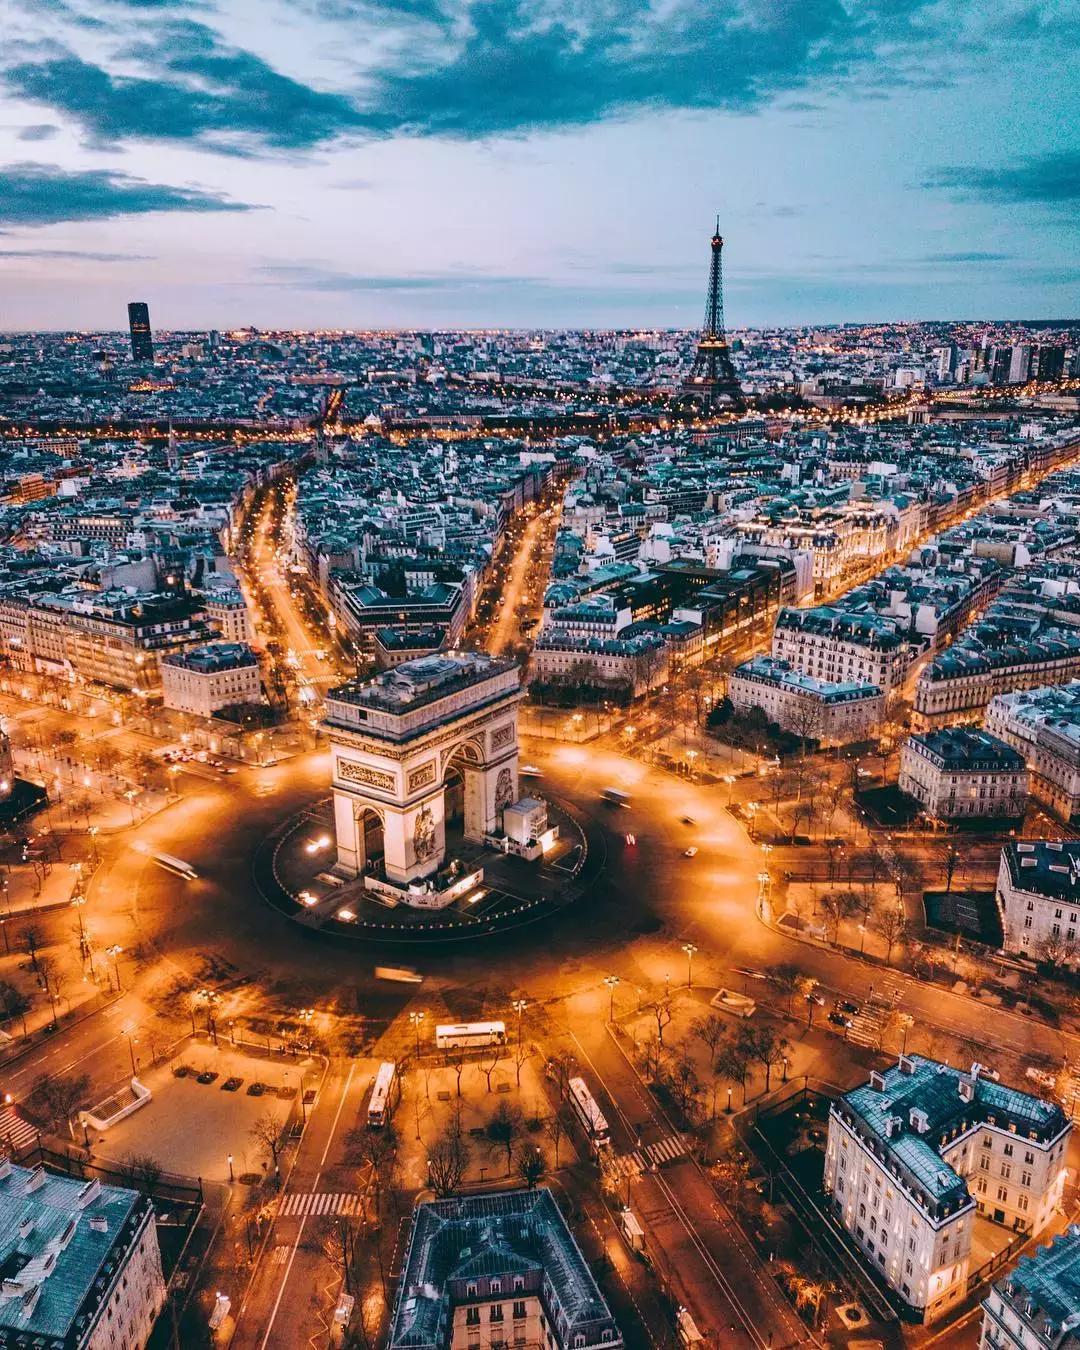 世界上最美的街景